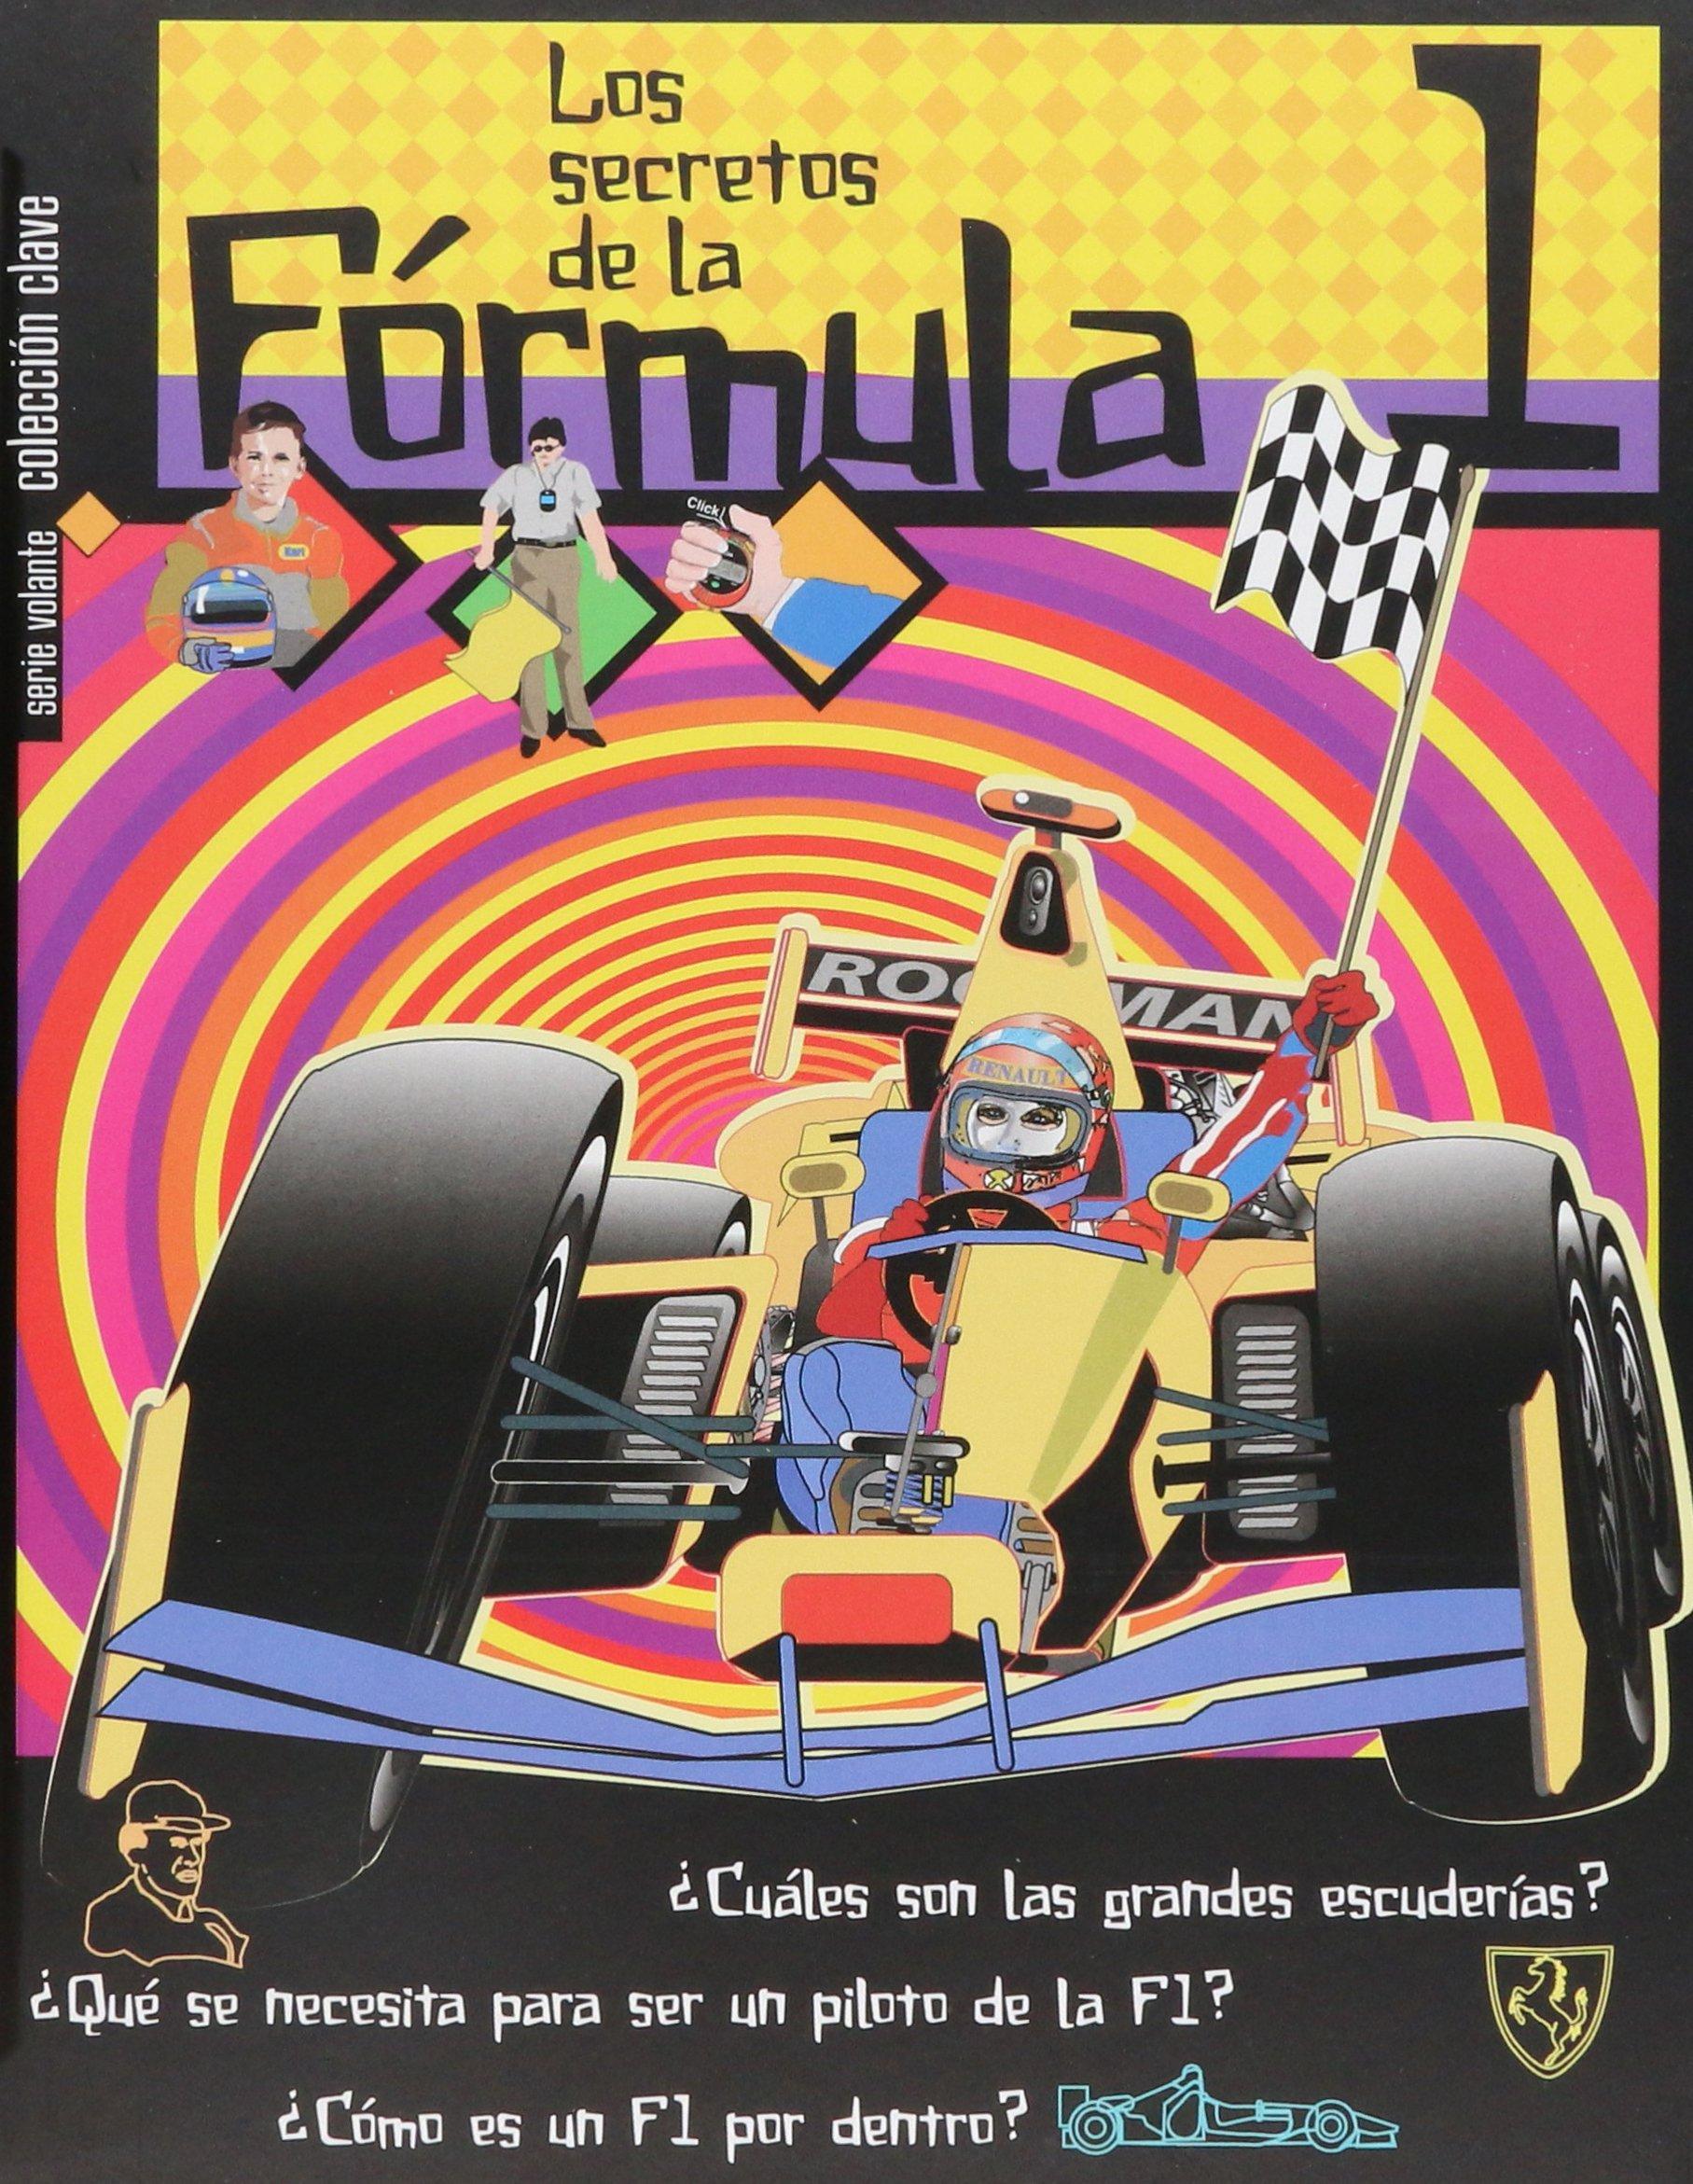 Los secretos de la formula/ The Formula's secret: Cuales son las grandes escuderias? Que se necesita para ser un piloto de la F1? Como es un F1 por ... inside an F1 car? (Clave) (Spanish Edition)